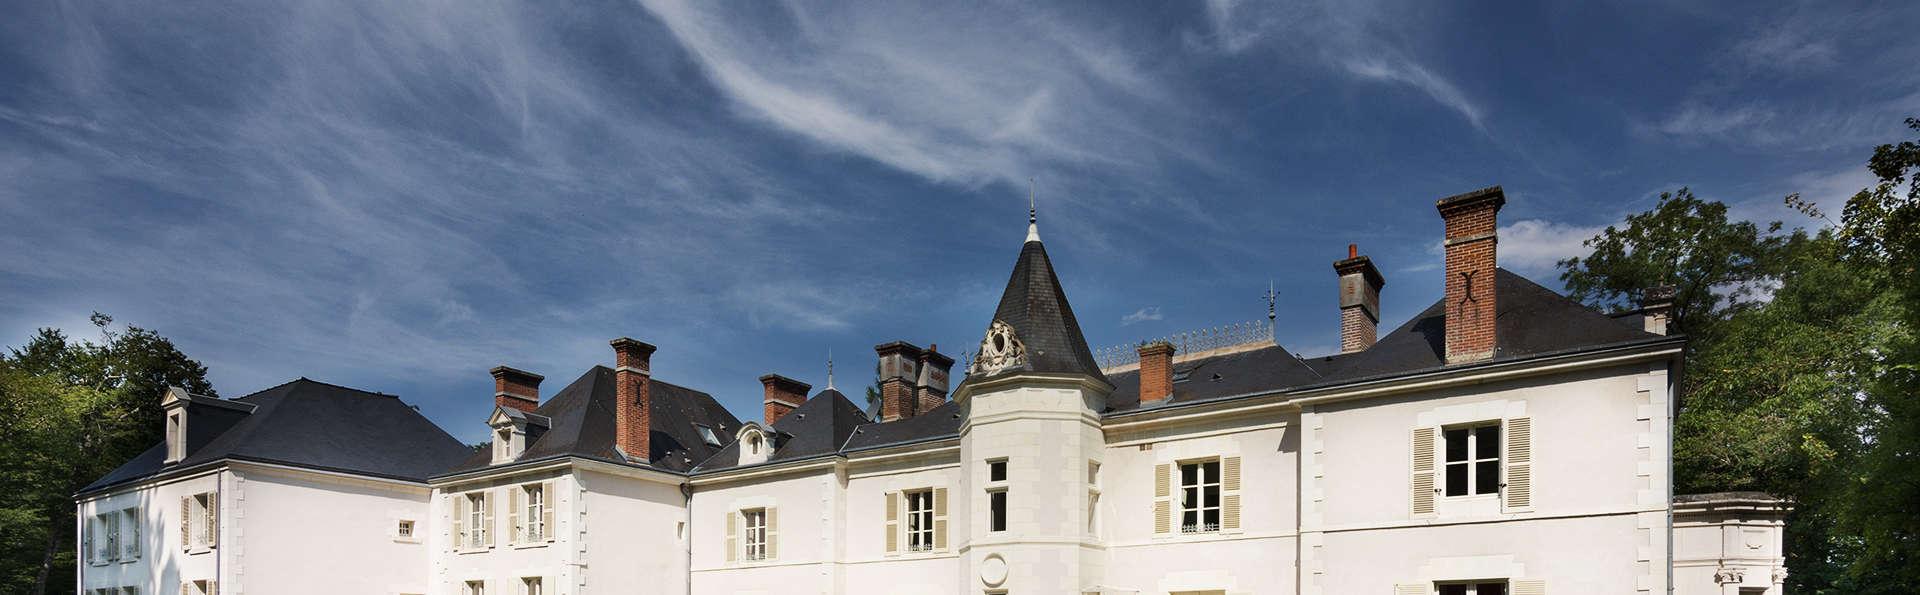 Château de La Rozelle - EDIT_NEW_front.jpg